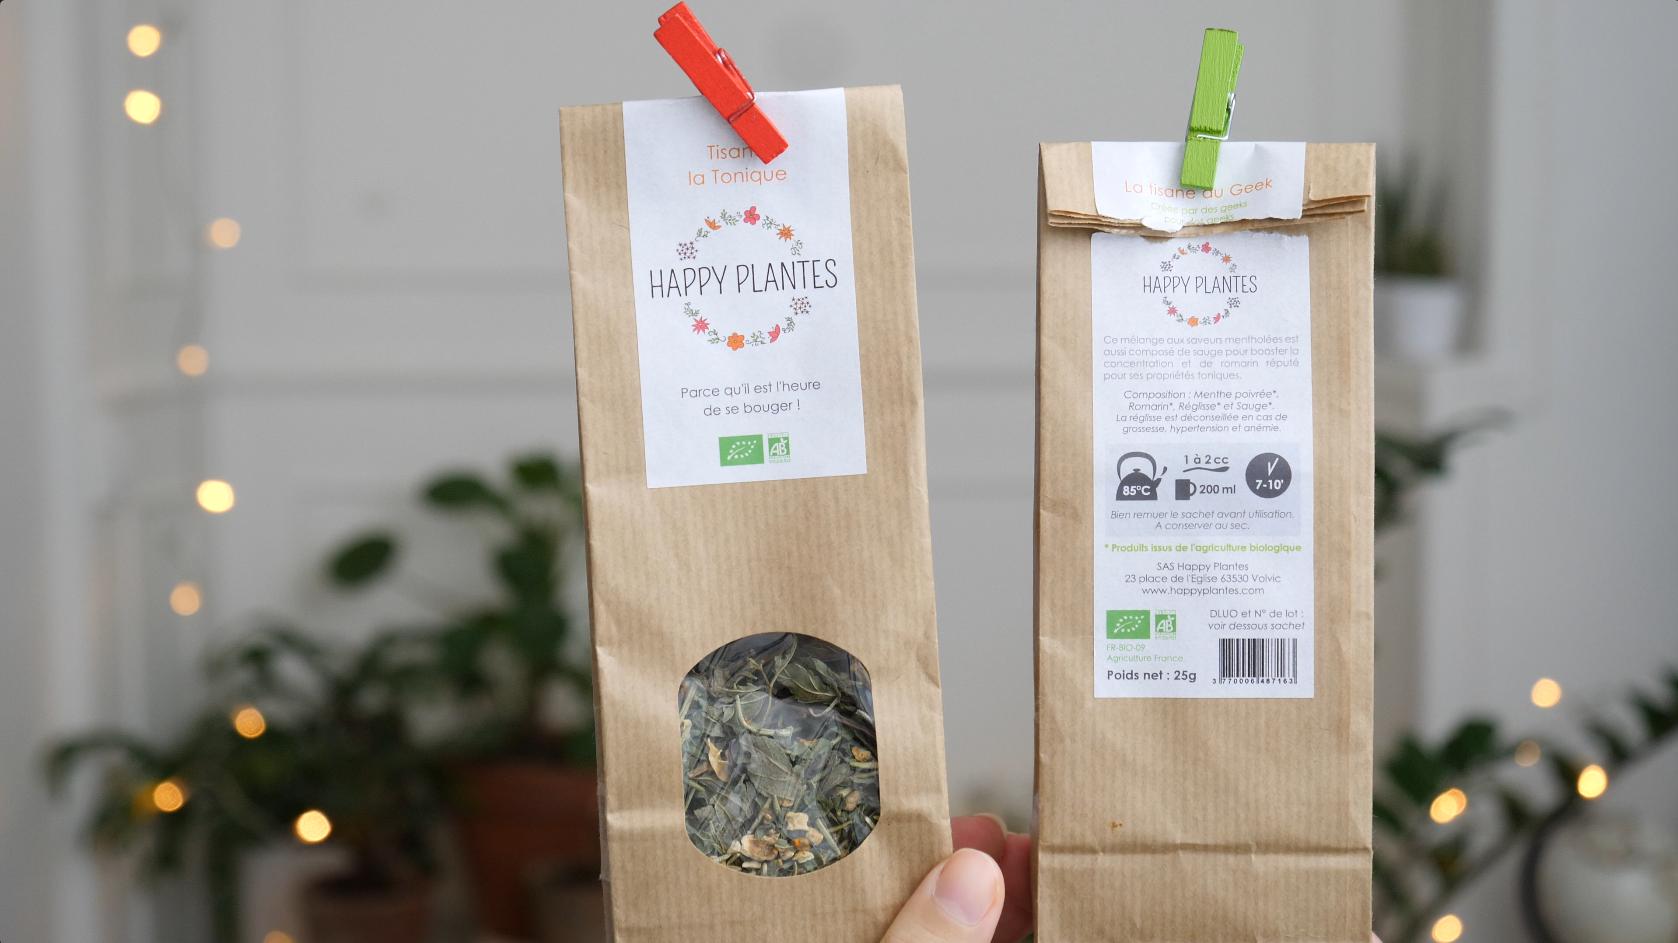 produits naturels favoris happy-plantes